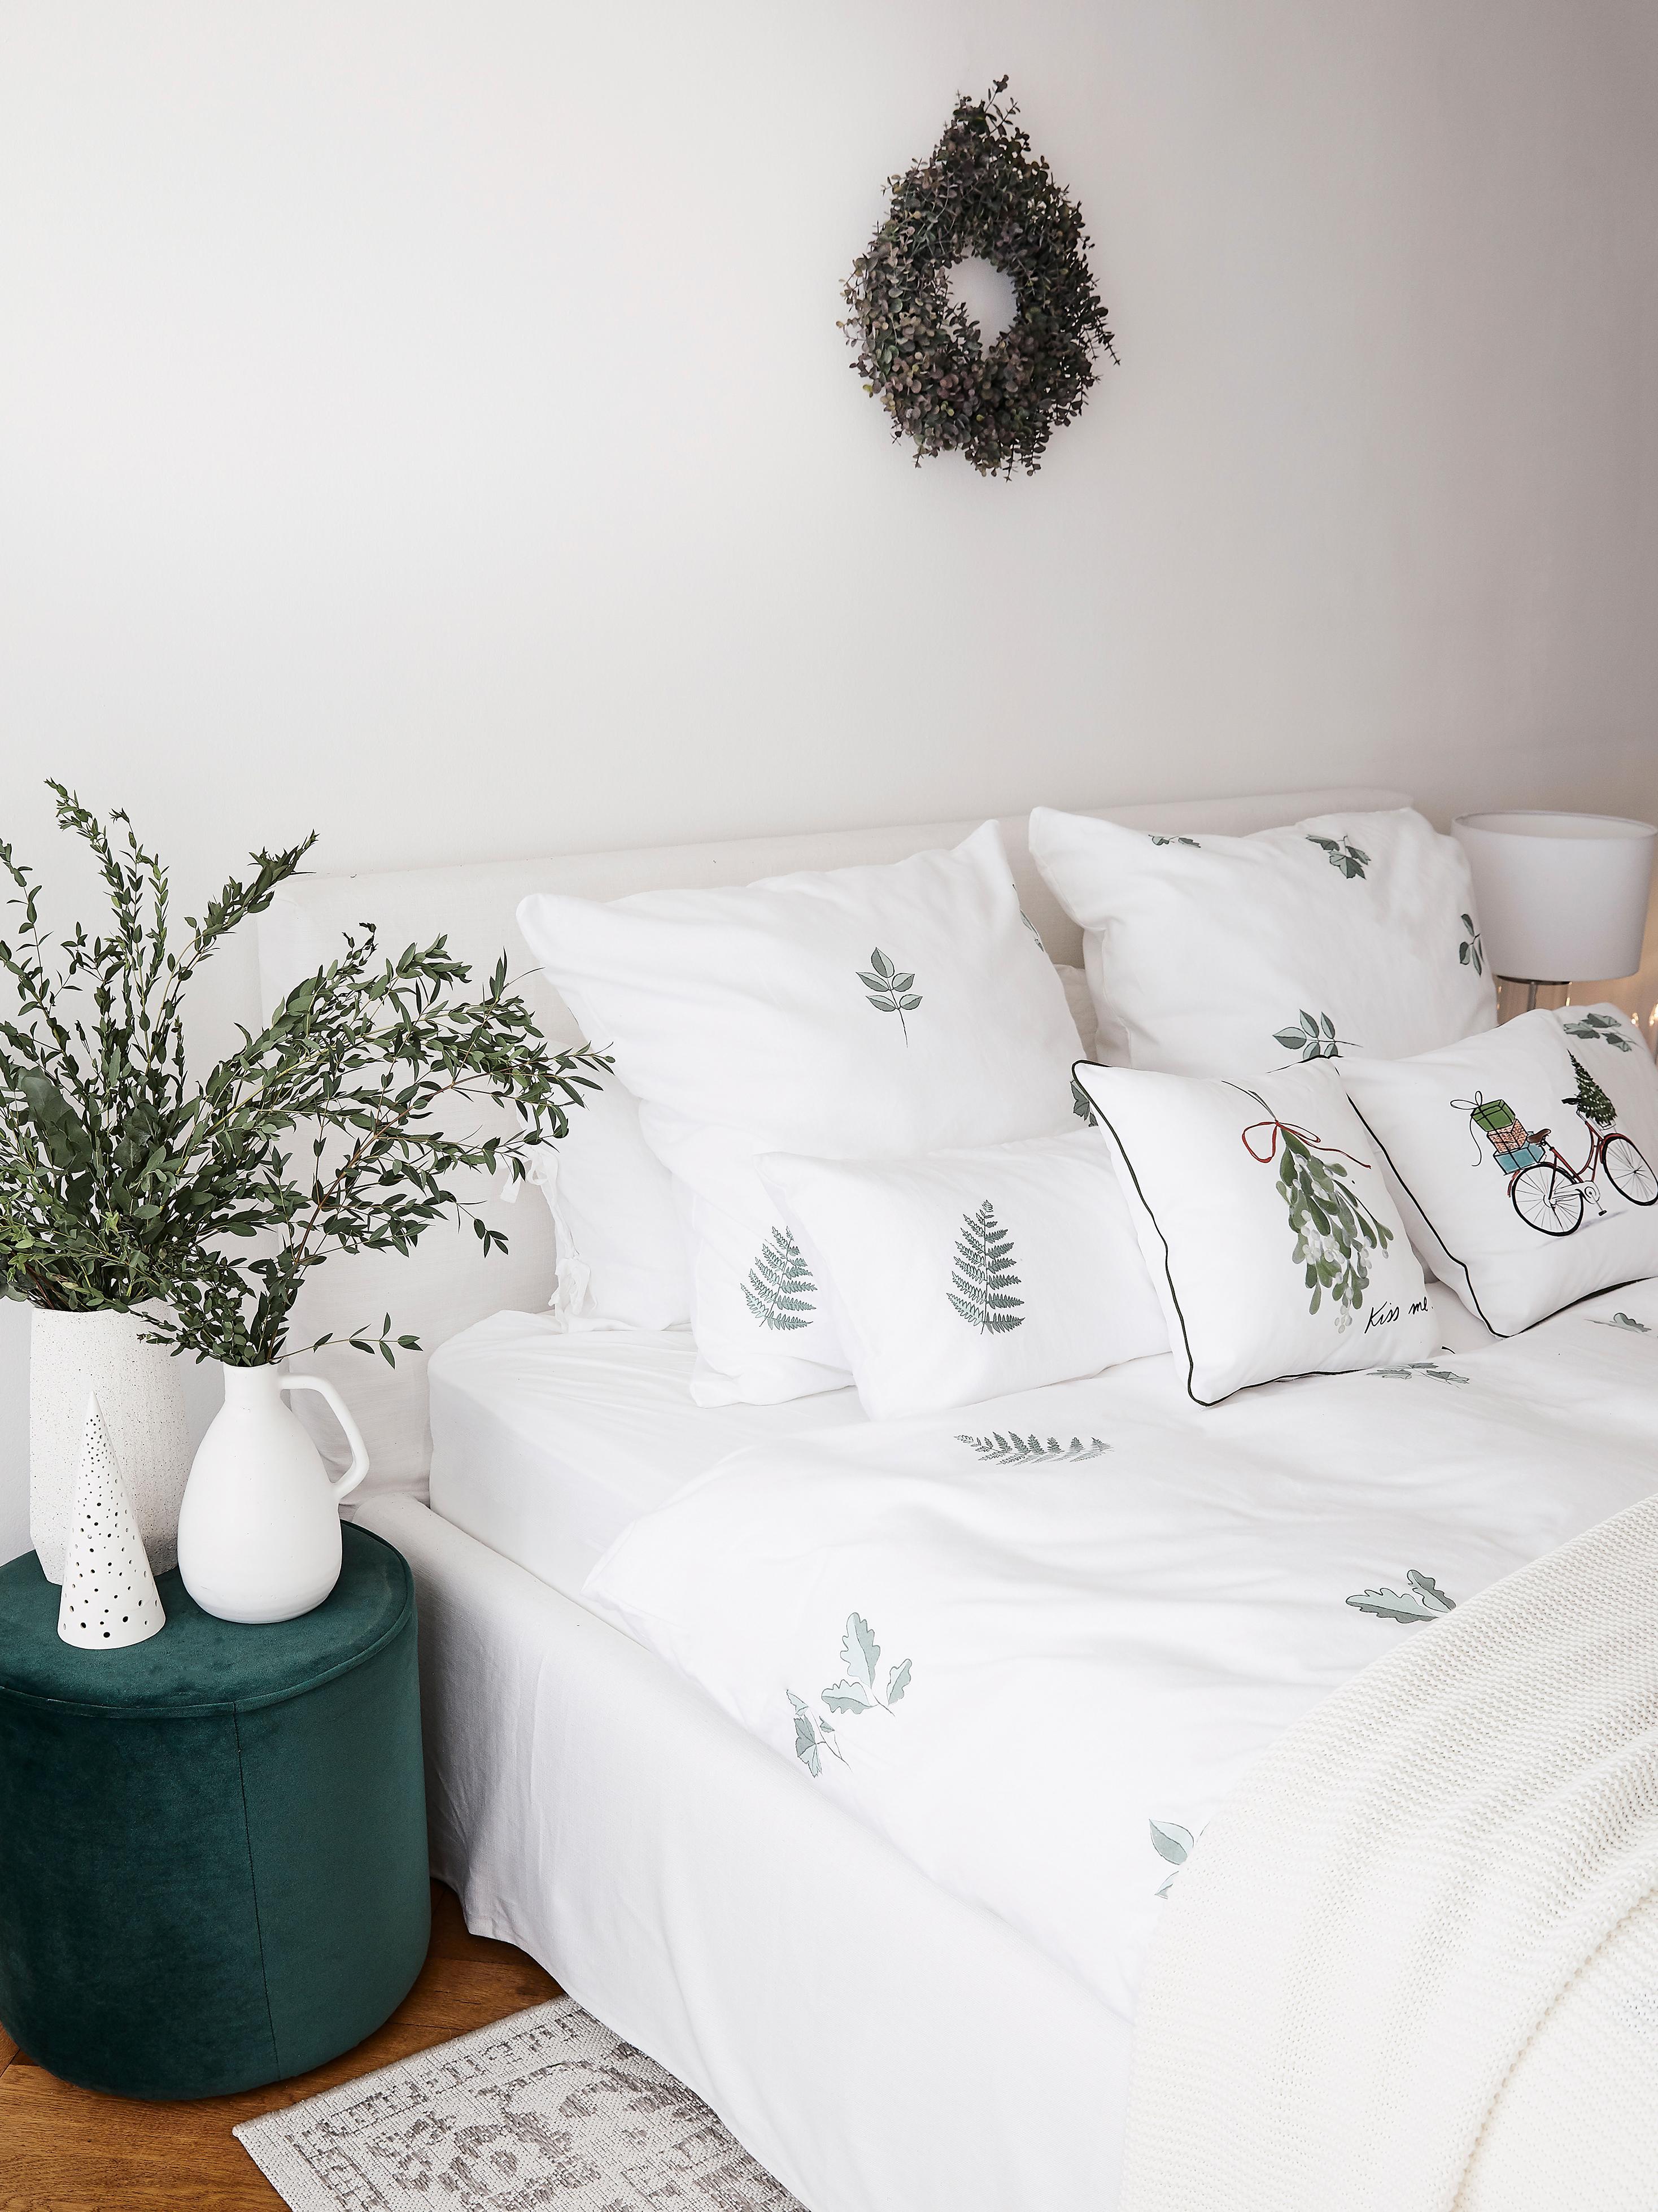 Pościel z flaneli Fraser, Szałwiowy zielony, biały, 155 x 220 cm + 1 poduszka 80 x 80 cm